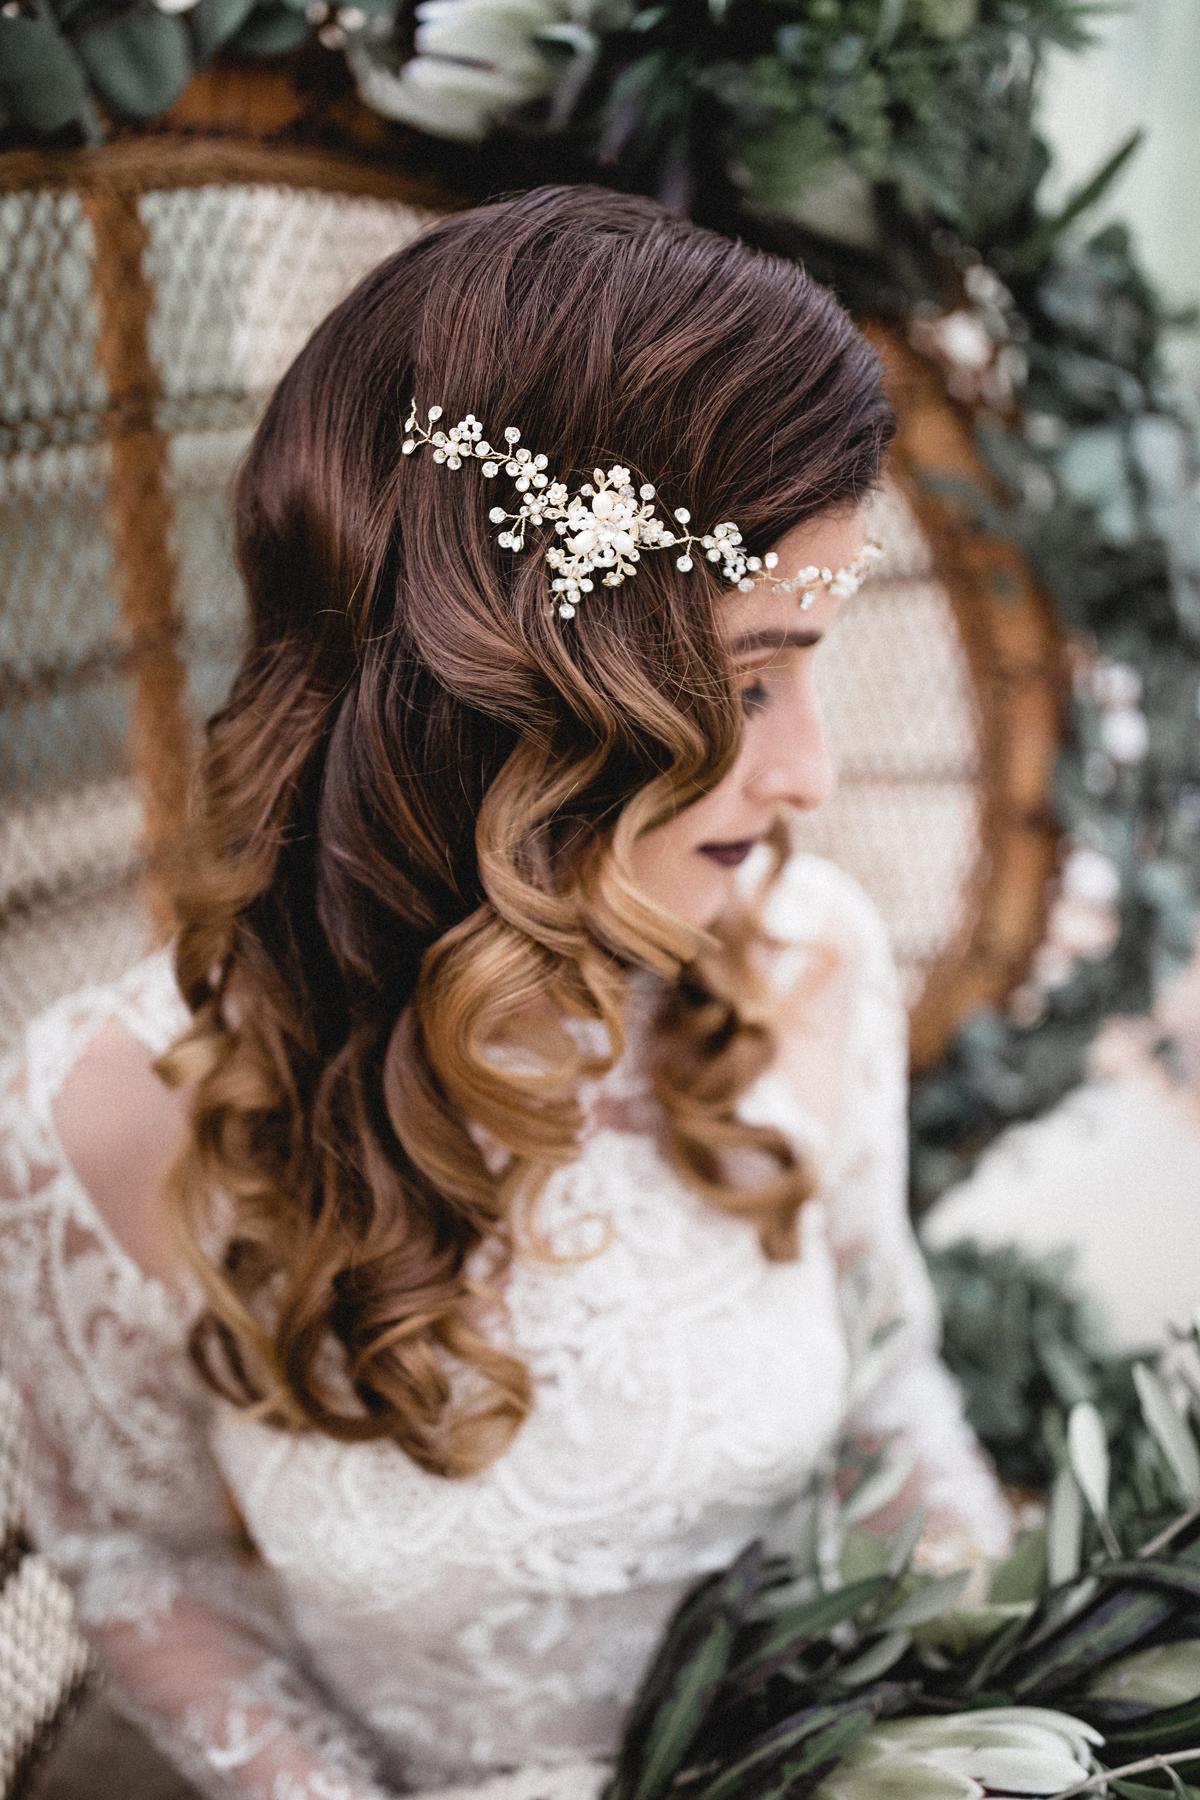 Andreas_Nusch_Hochzeitsfotografie_Brautshooting_2017_JA-Hochzeitsshop_0111